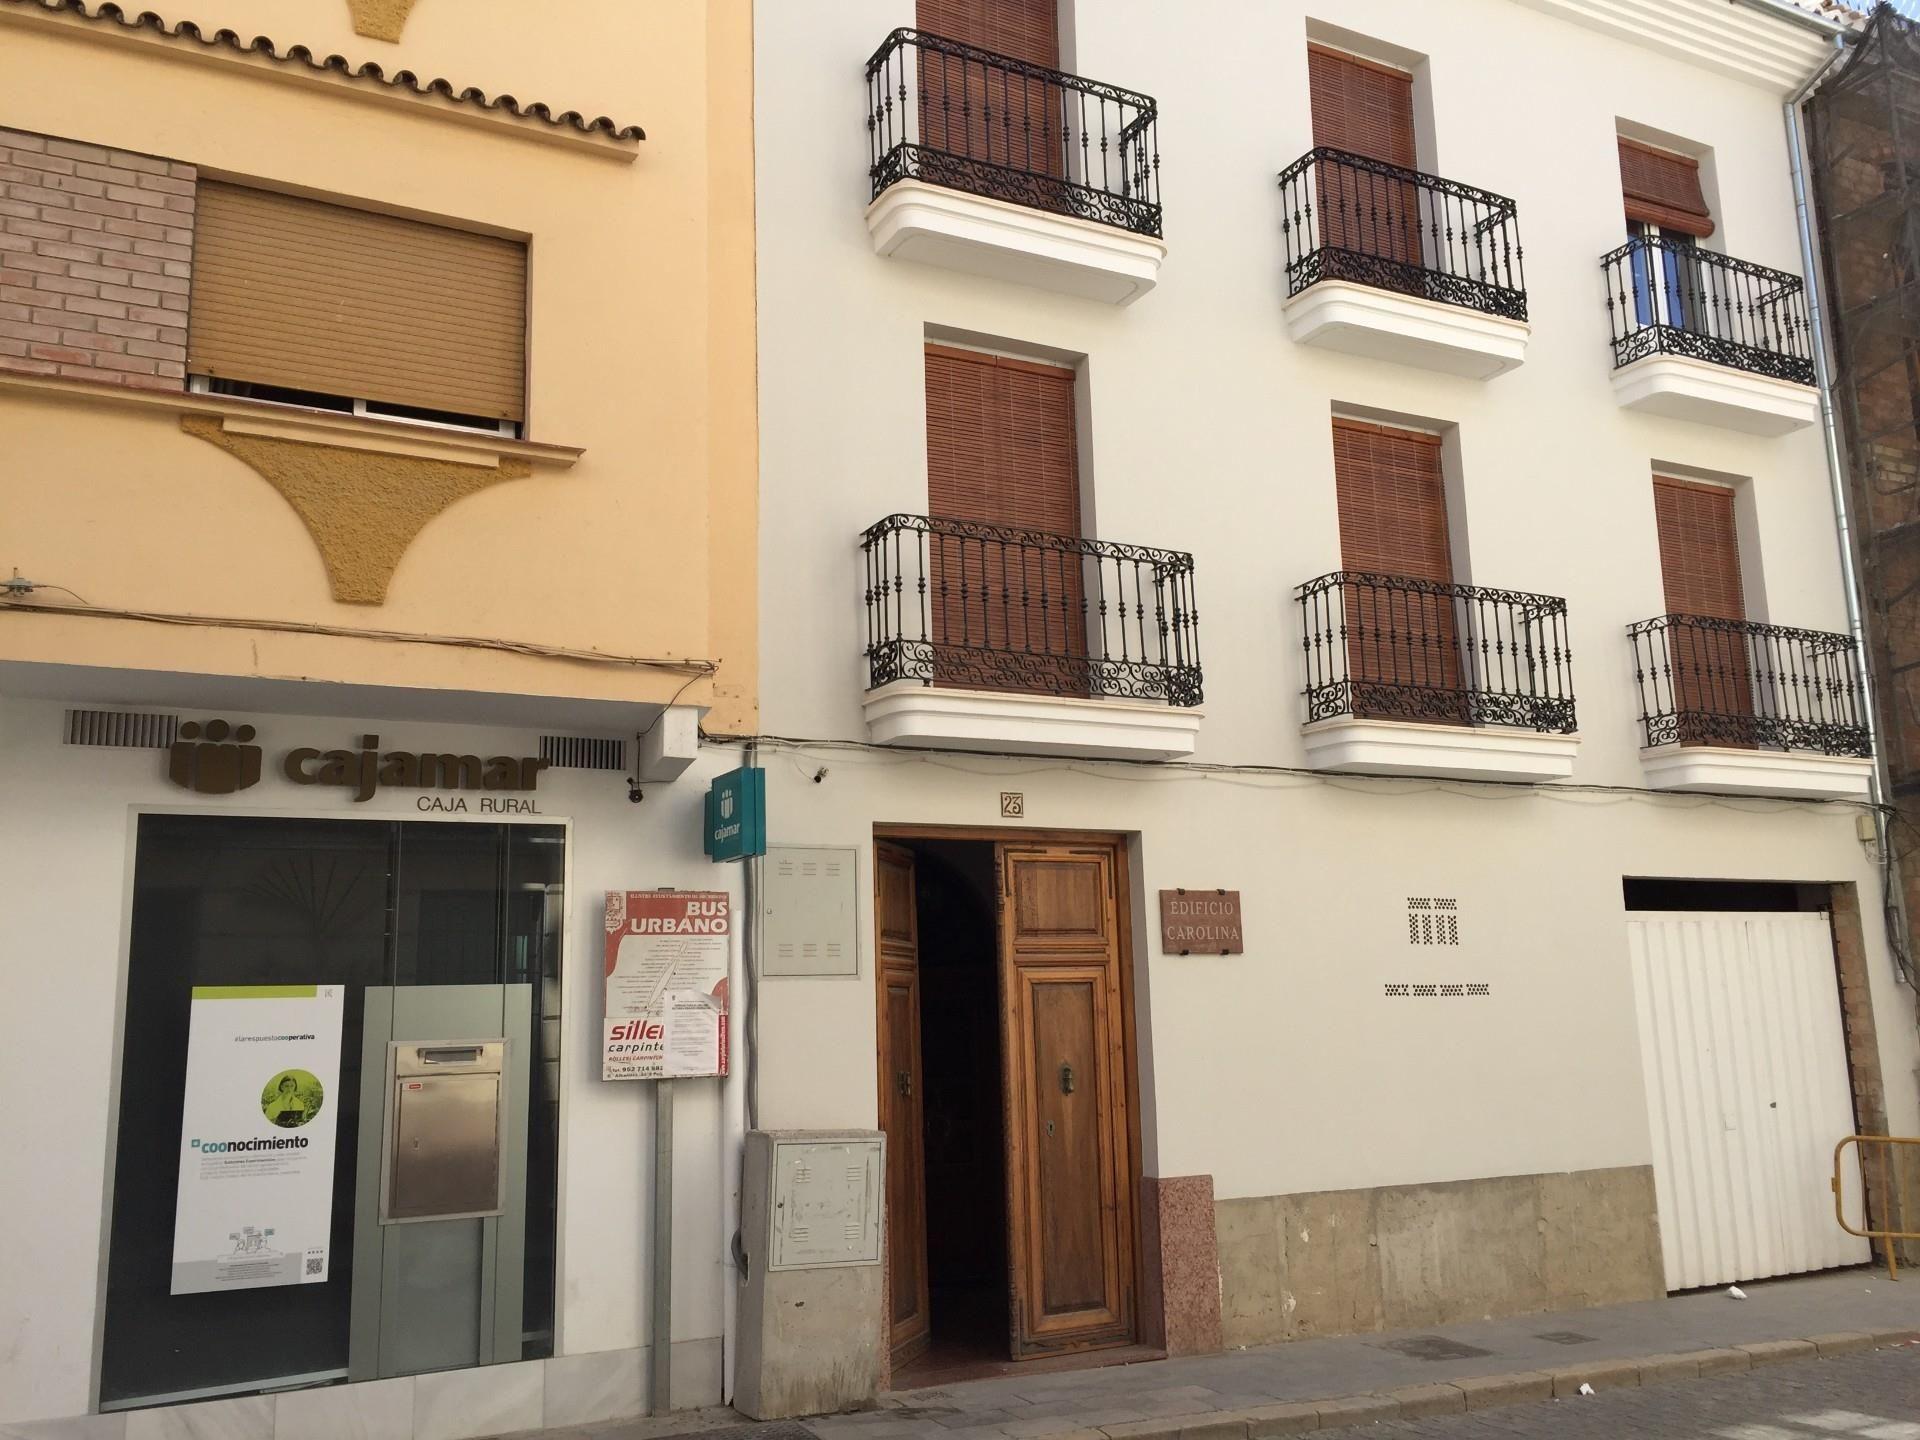 Local de alquiler en Calle Carrera, 23, Archidona (Archidona, Málaga)